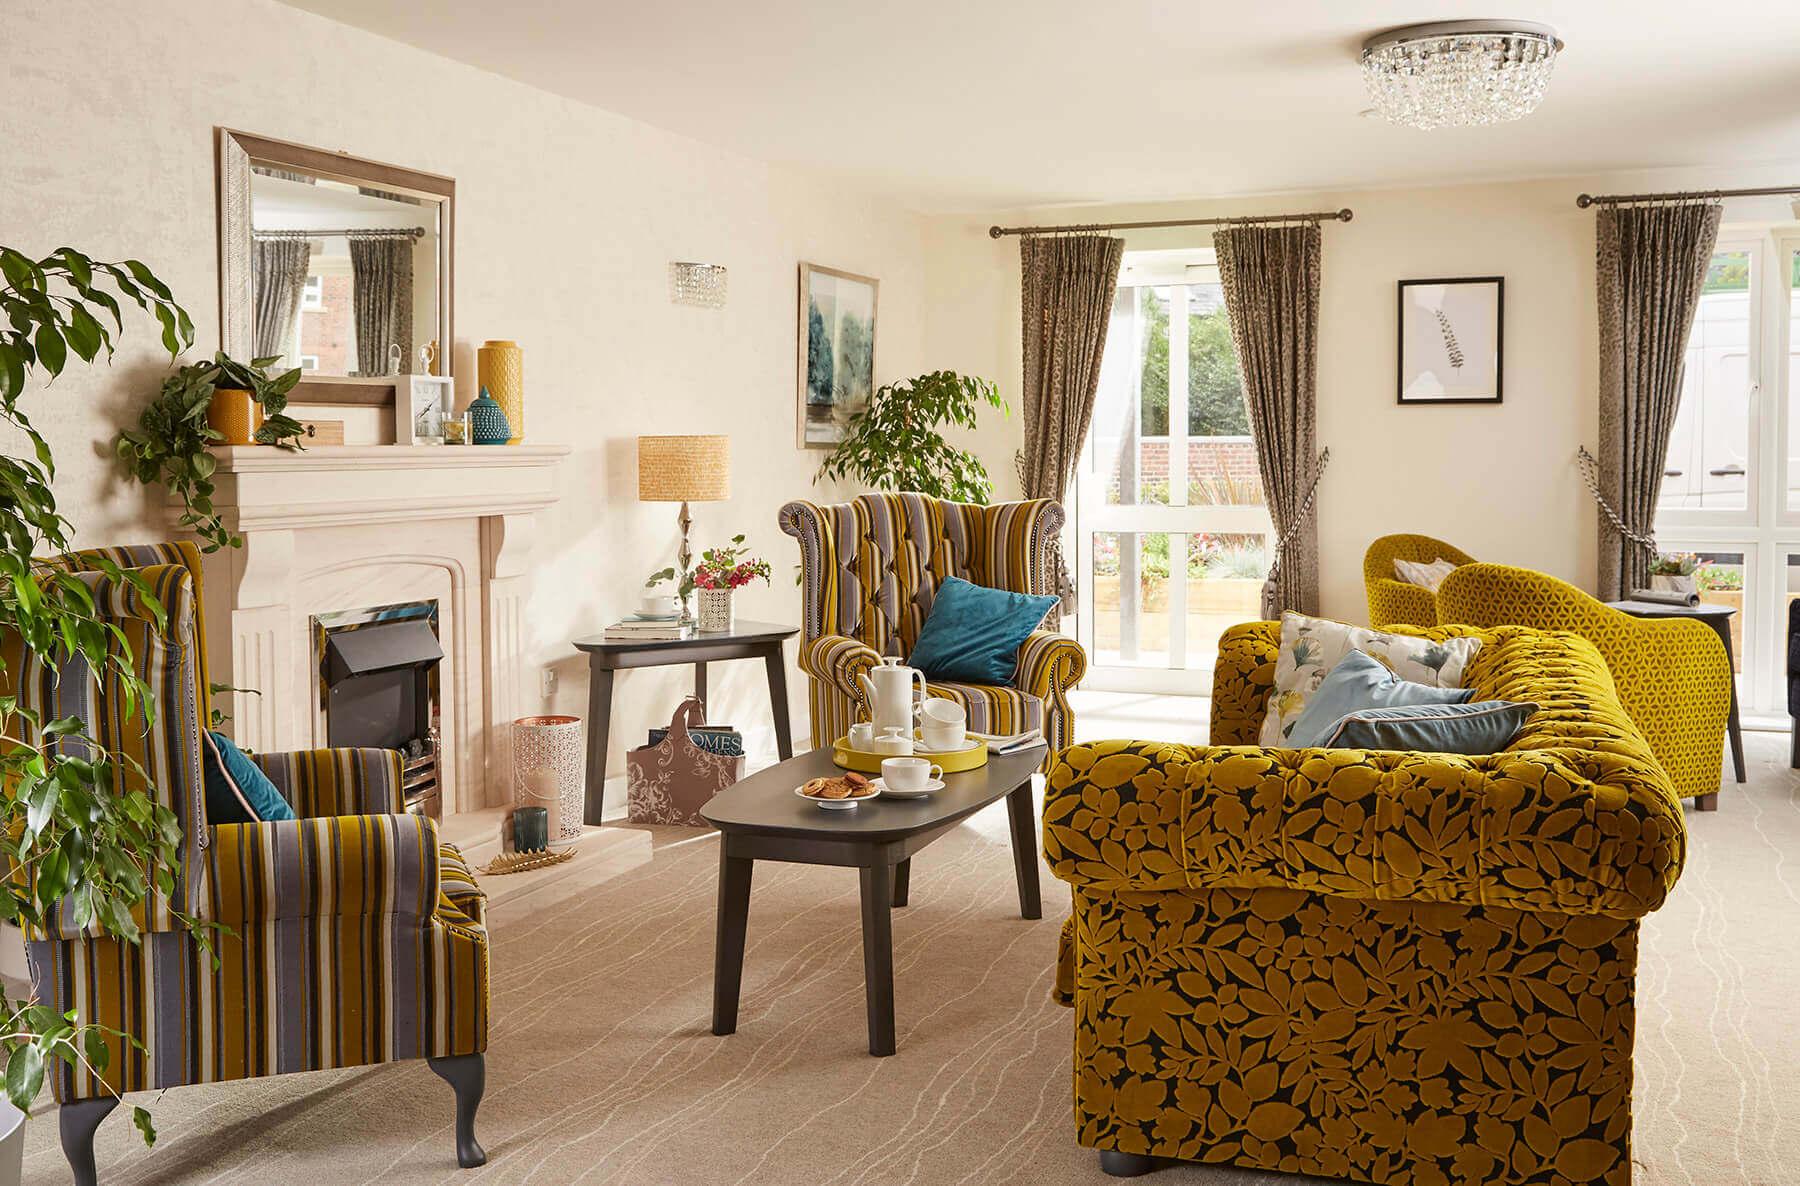 Luxury retirement home